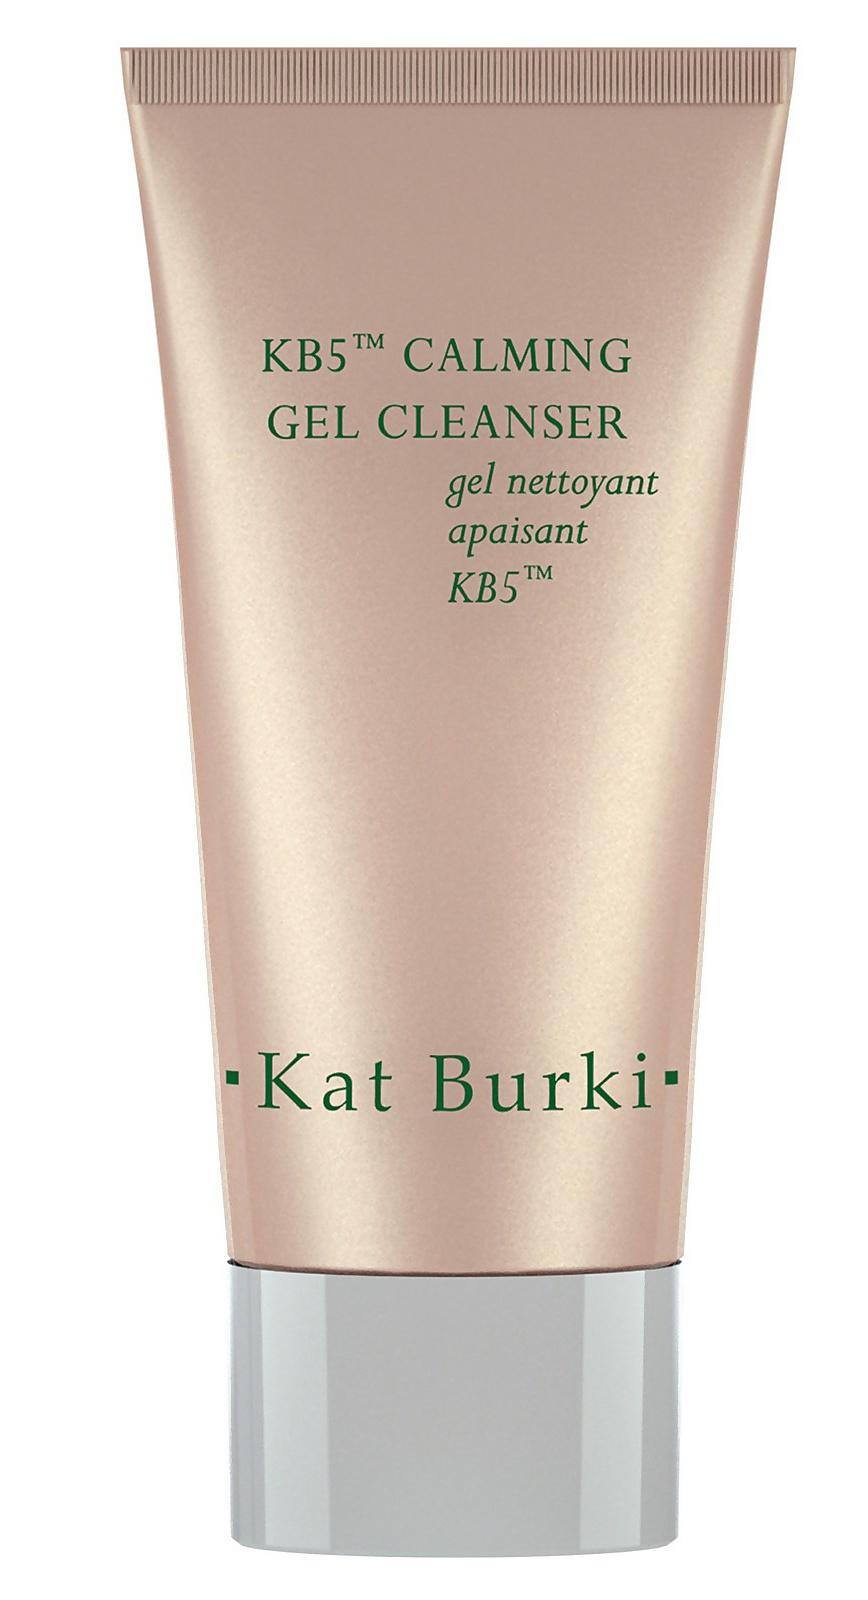 Kat Burki KB5™ Calming Gel Cleanser